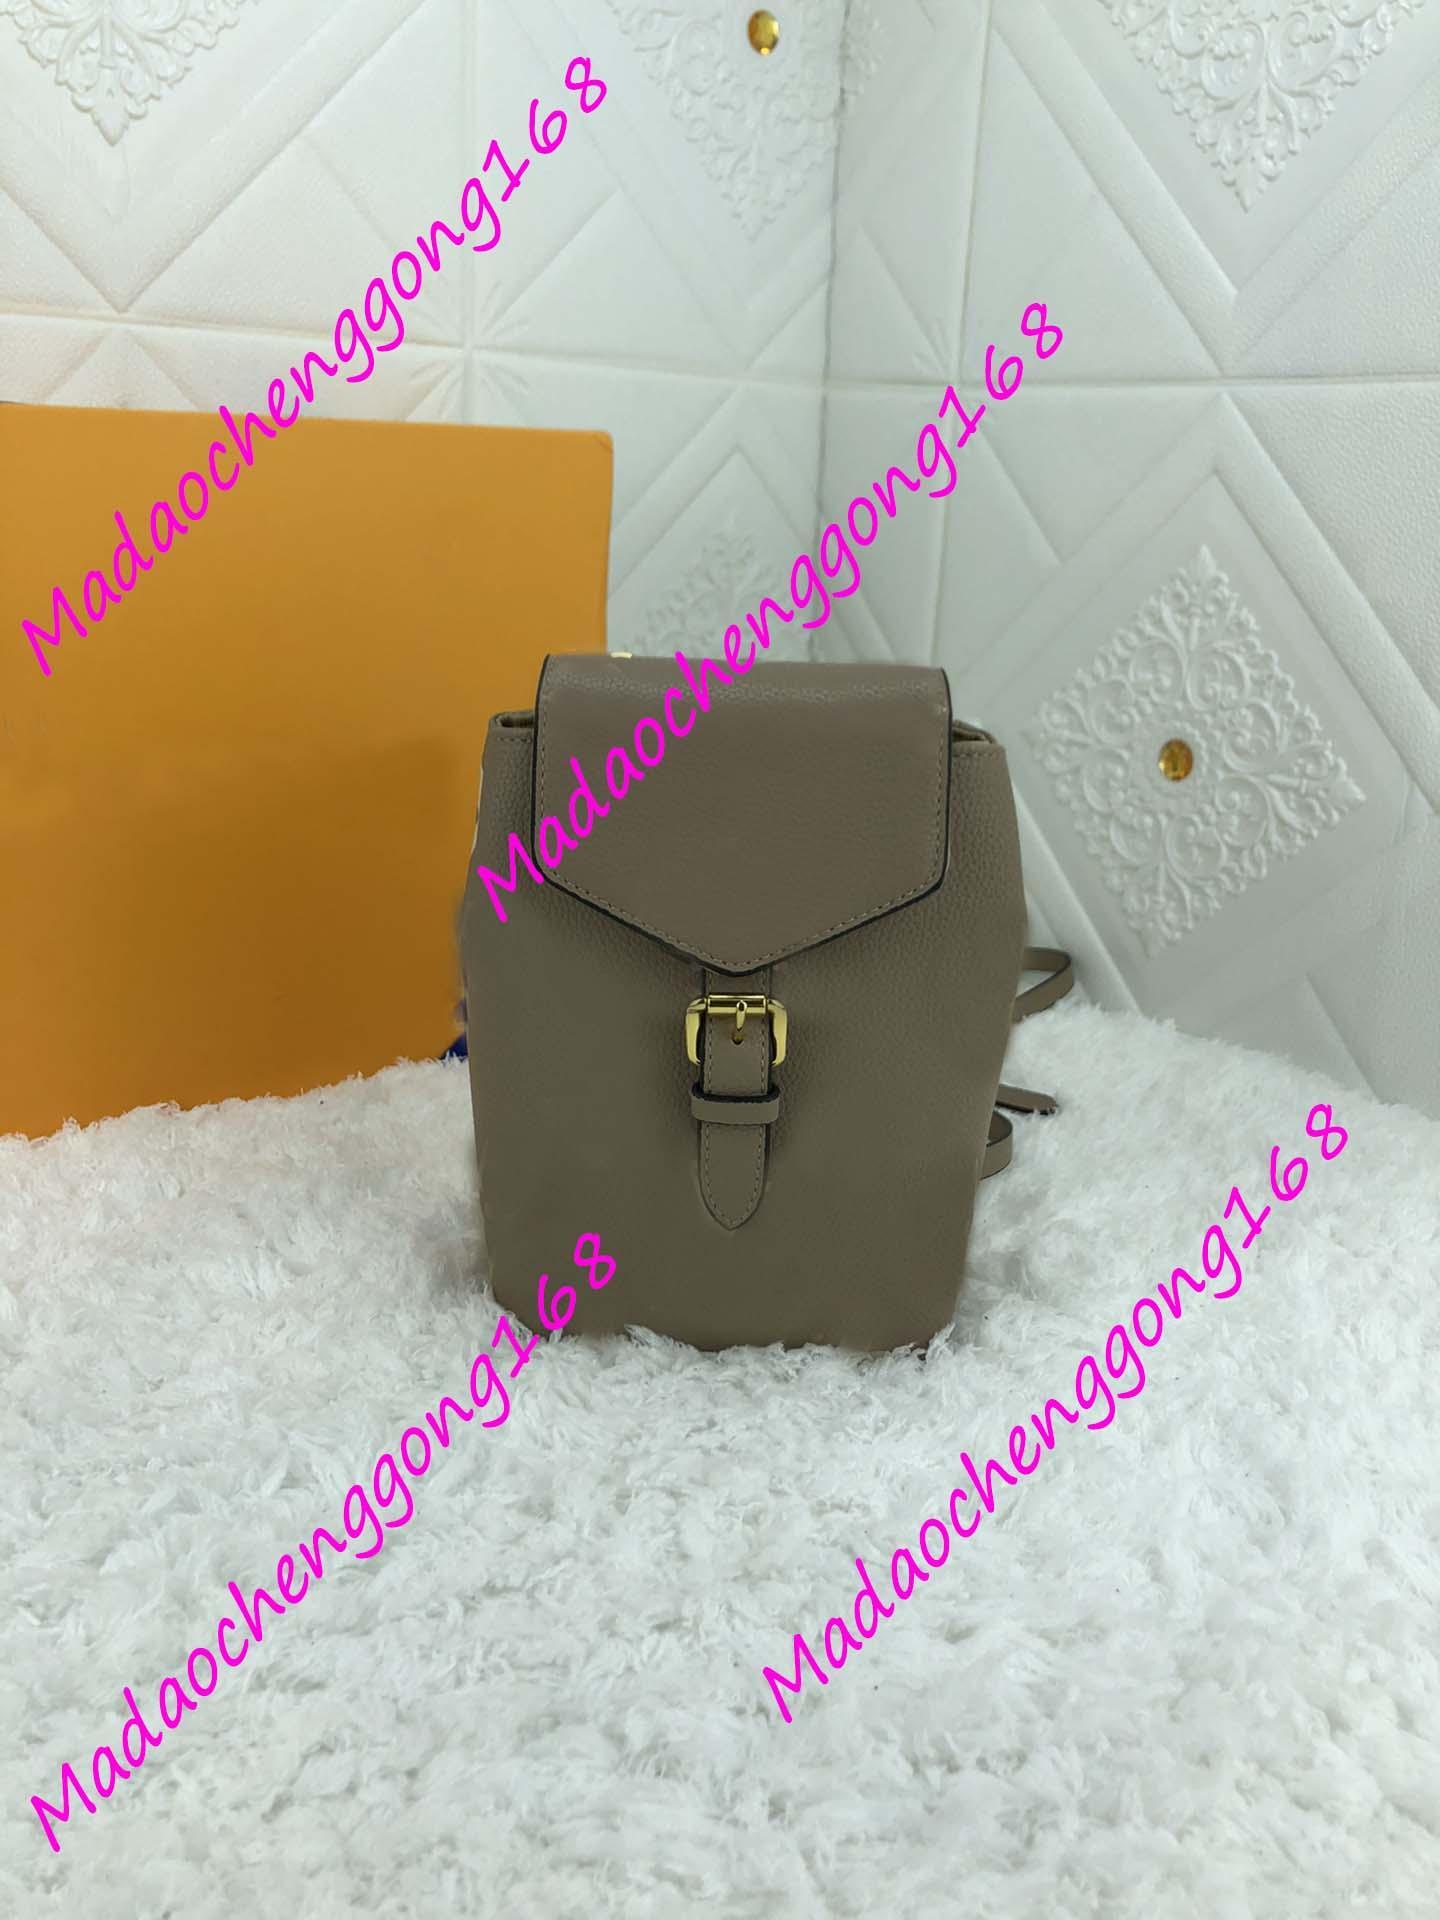 Neue Ankunft Mode Print Rucksack Schultasche Unisex Echtes Leder Rucksack Student Bag Weibliche Hohe Qualität Reisen Mini Rucksack 80738 13x19x8cm